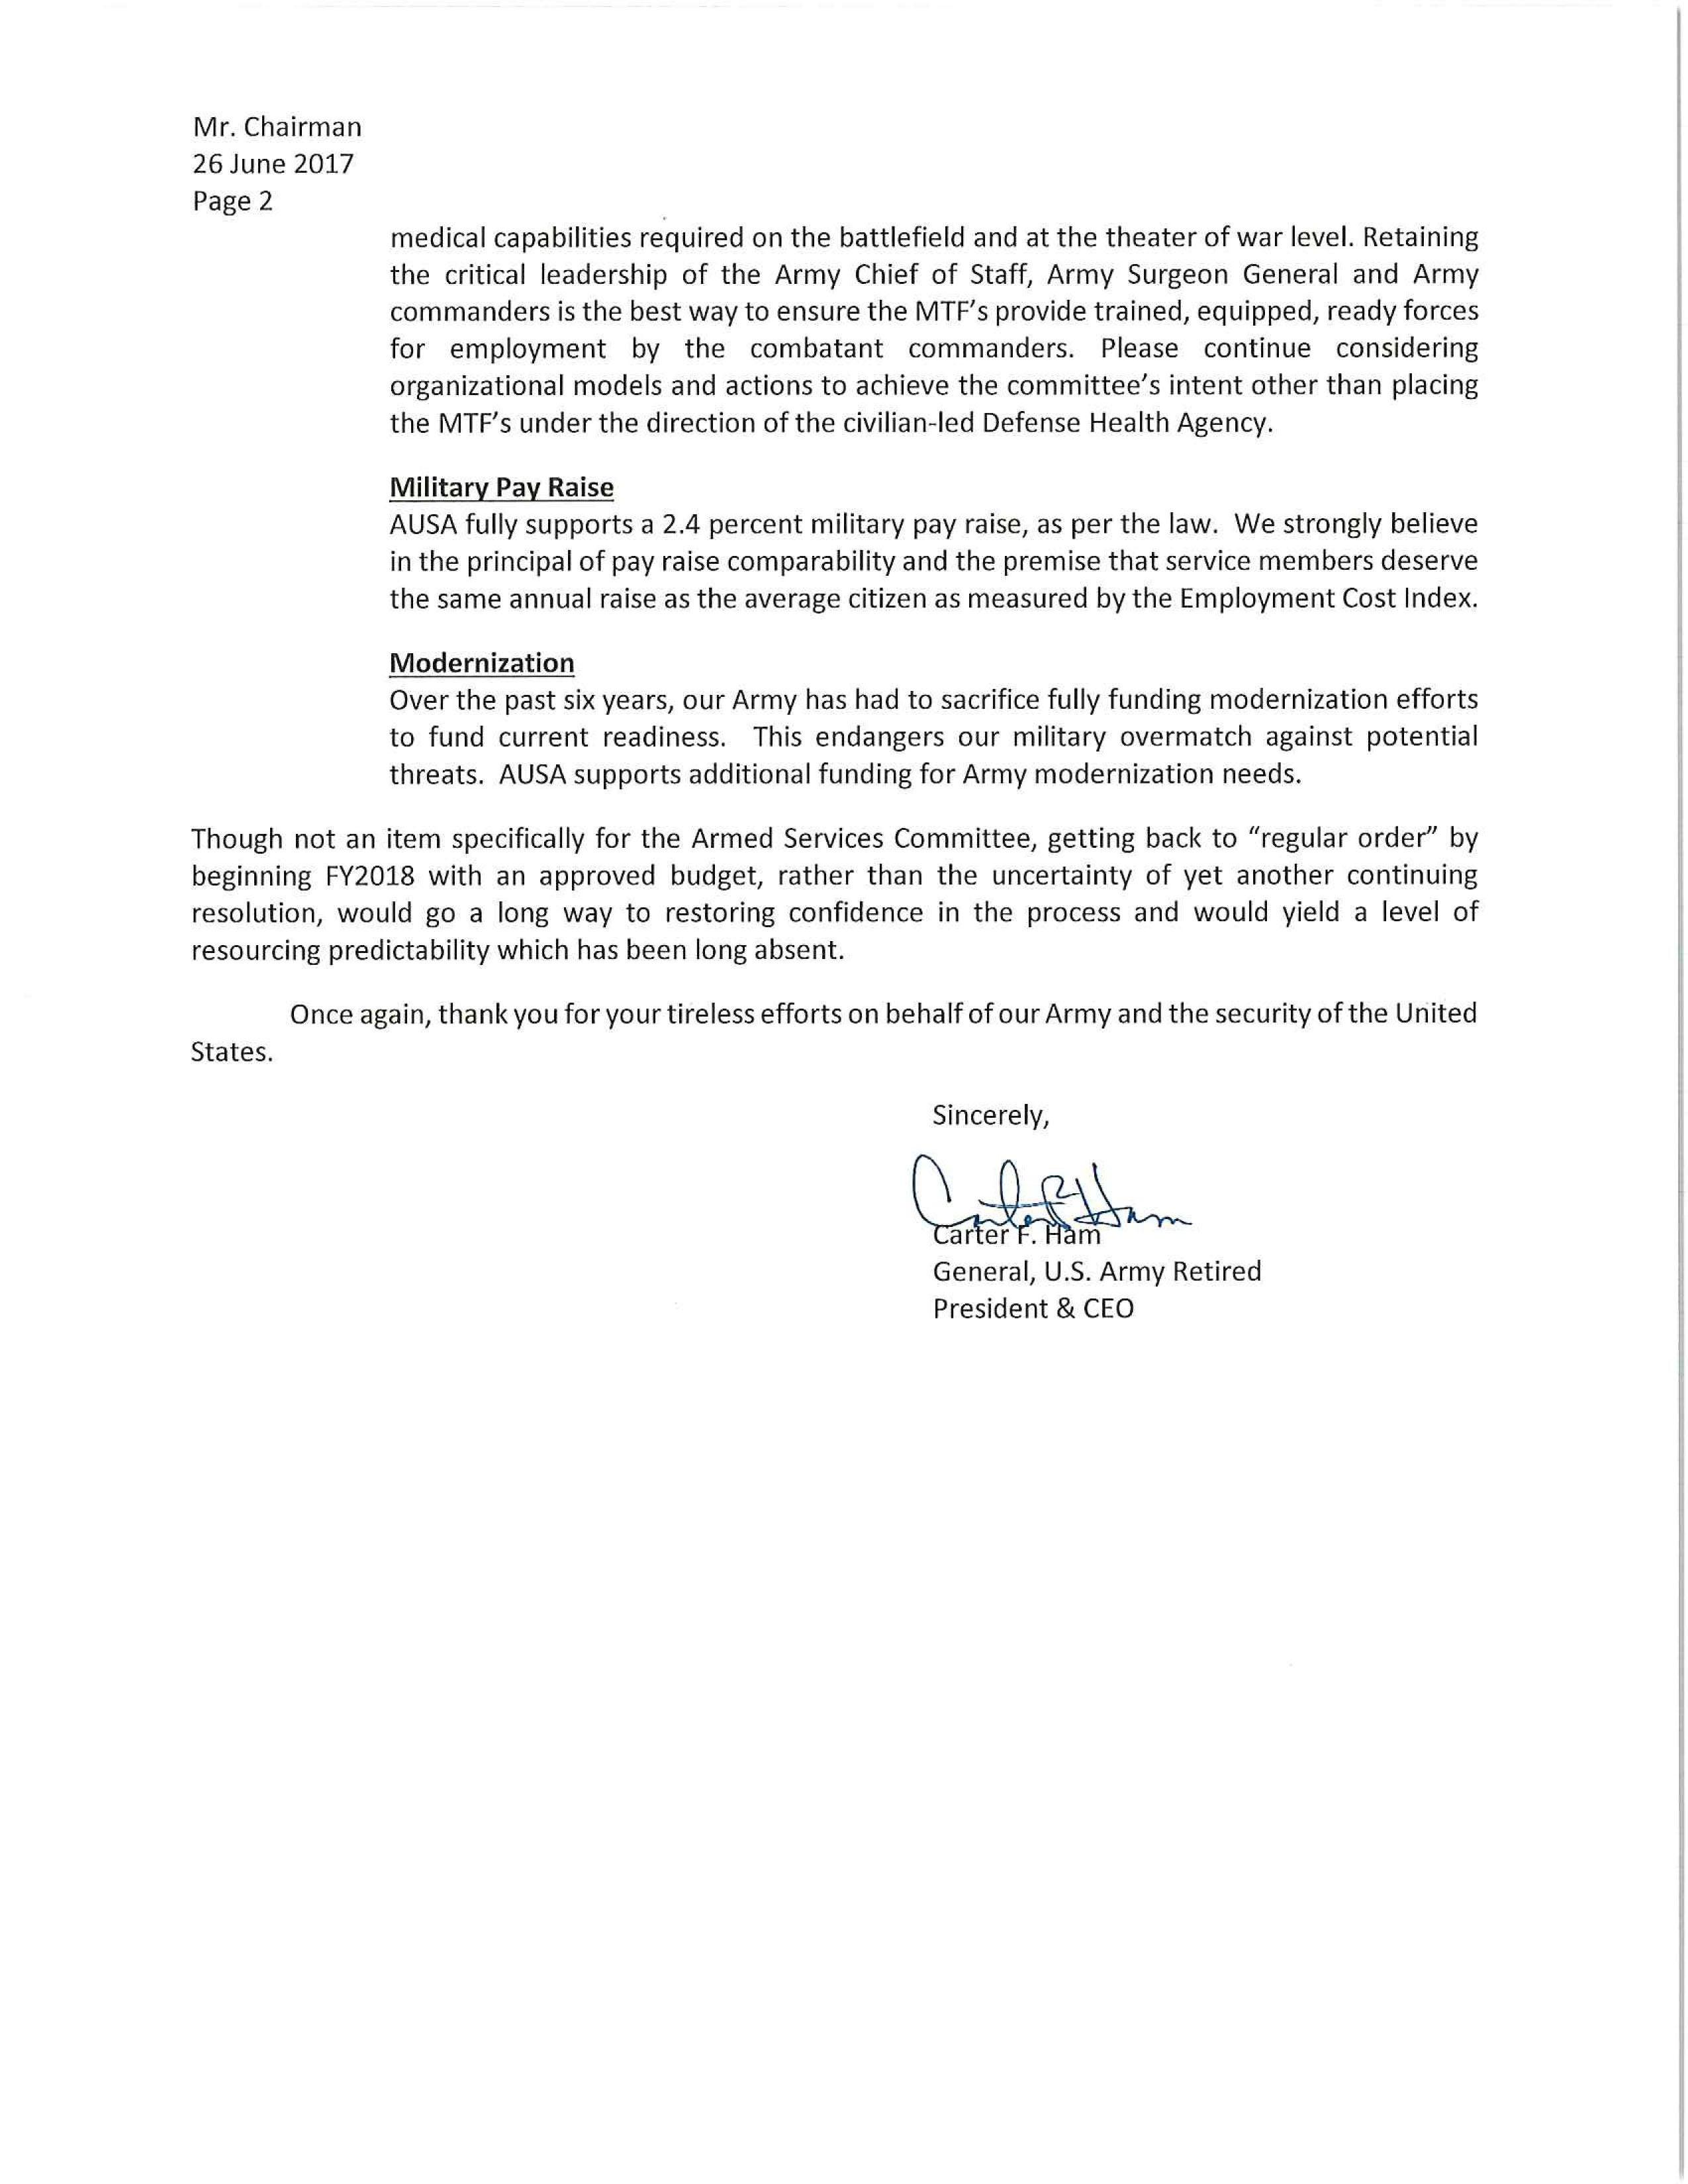 AUSA Carter Ham Letter to John McCain